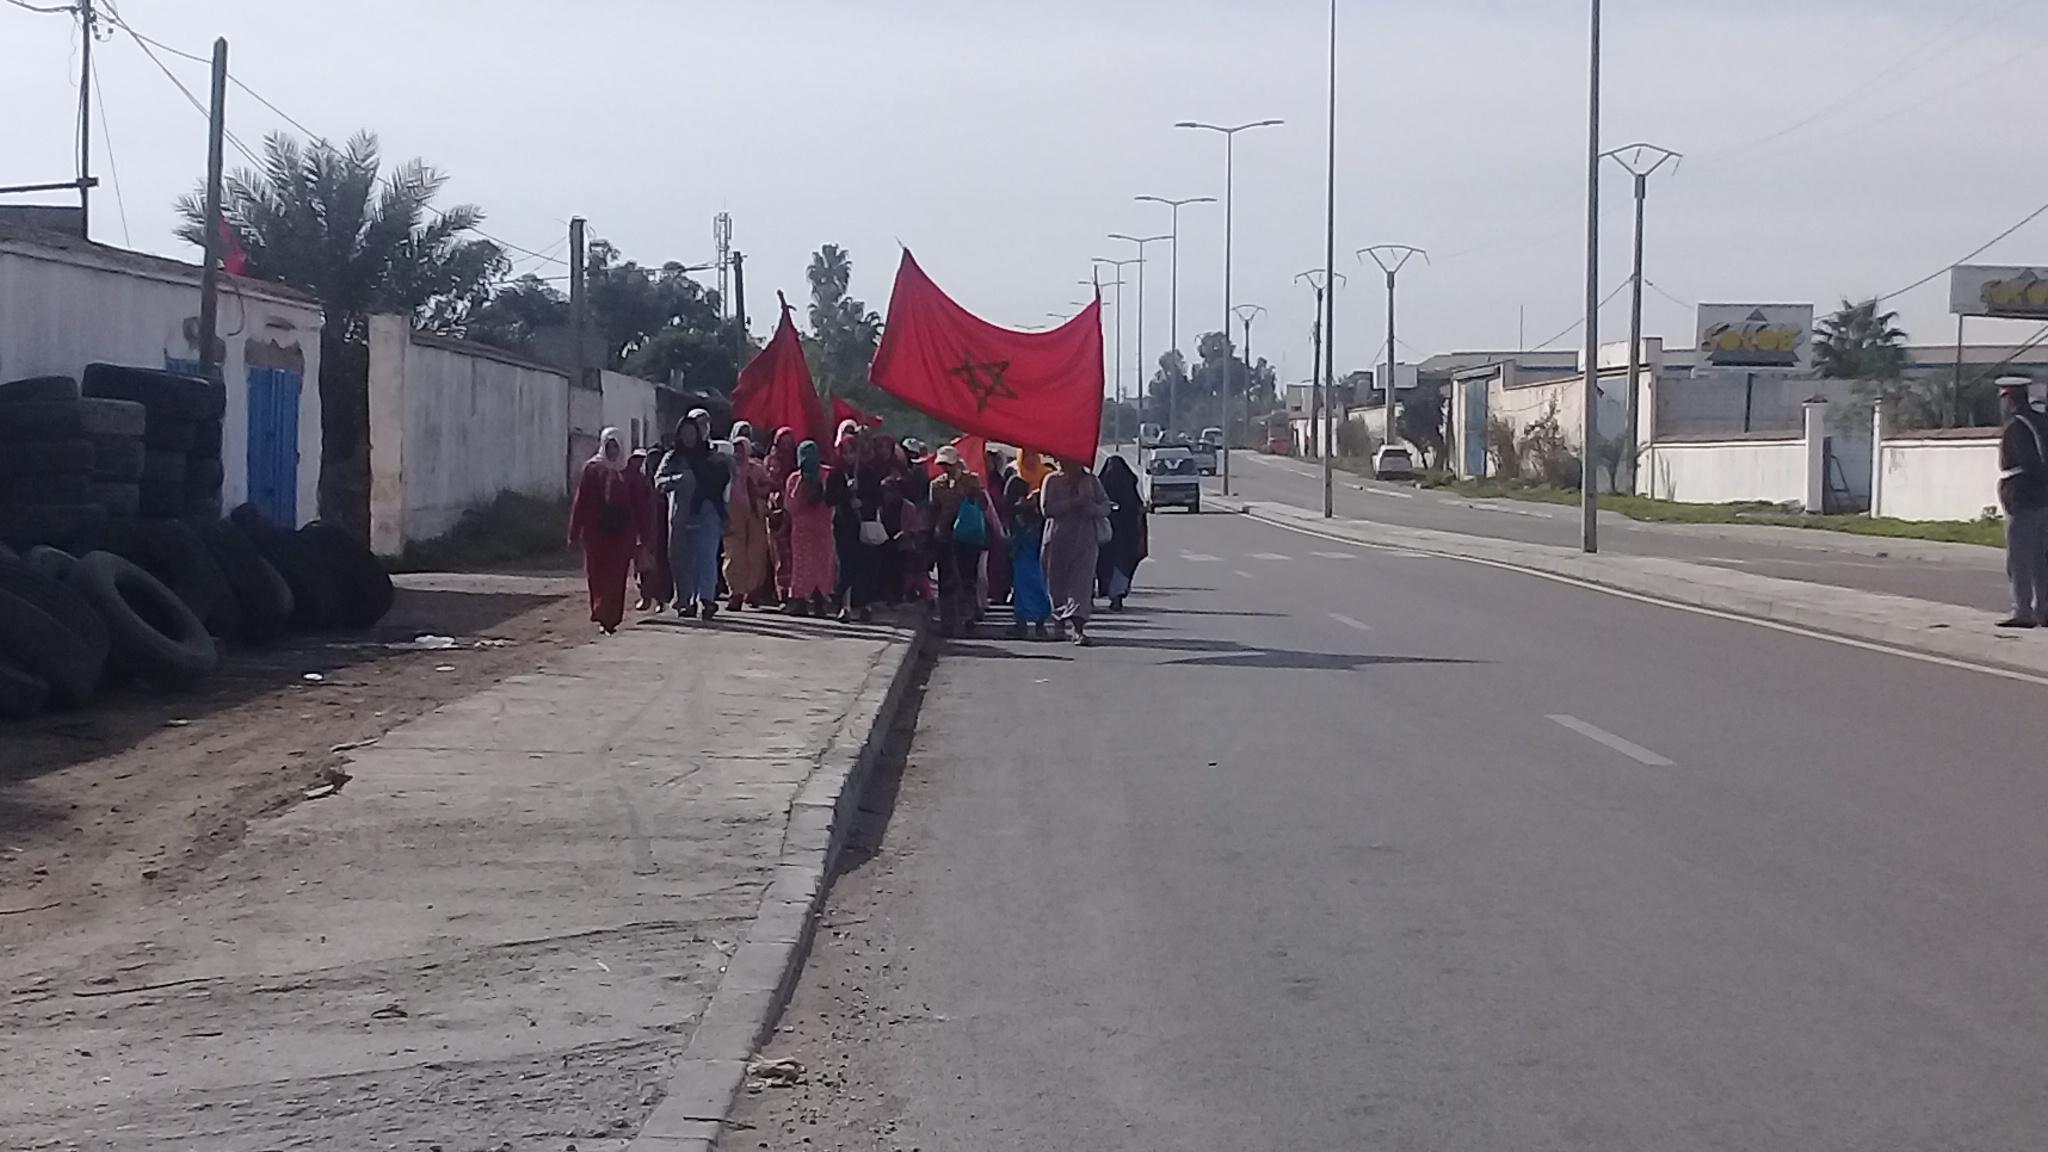 الدرك الملكي يعترض مسيرة نسائية كانت في طريقها نحو عمالة المحمدية